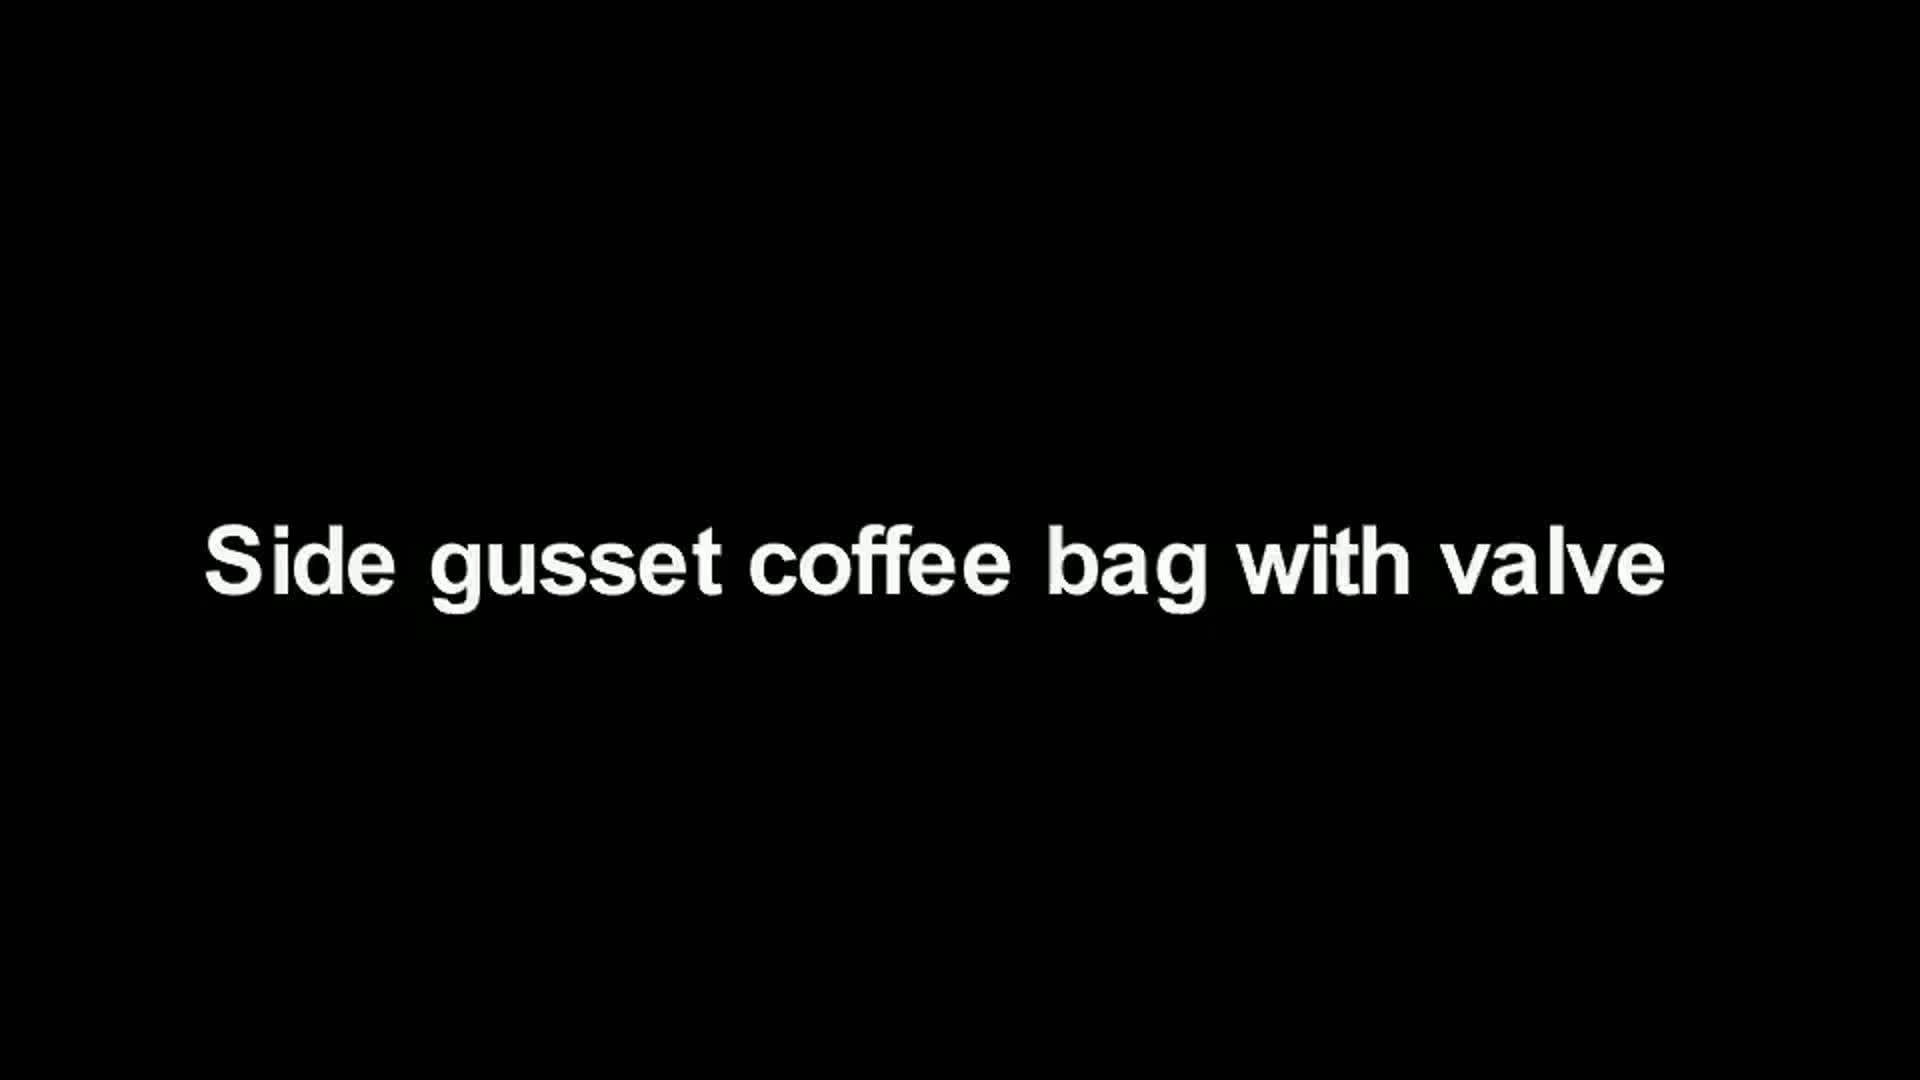 उच्च गुणवत्ता अच्छी बिक्री मैट काले चंगा सील ओर कली कॉफी बैग